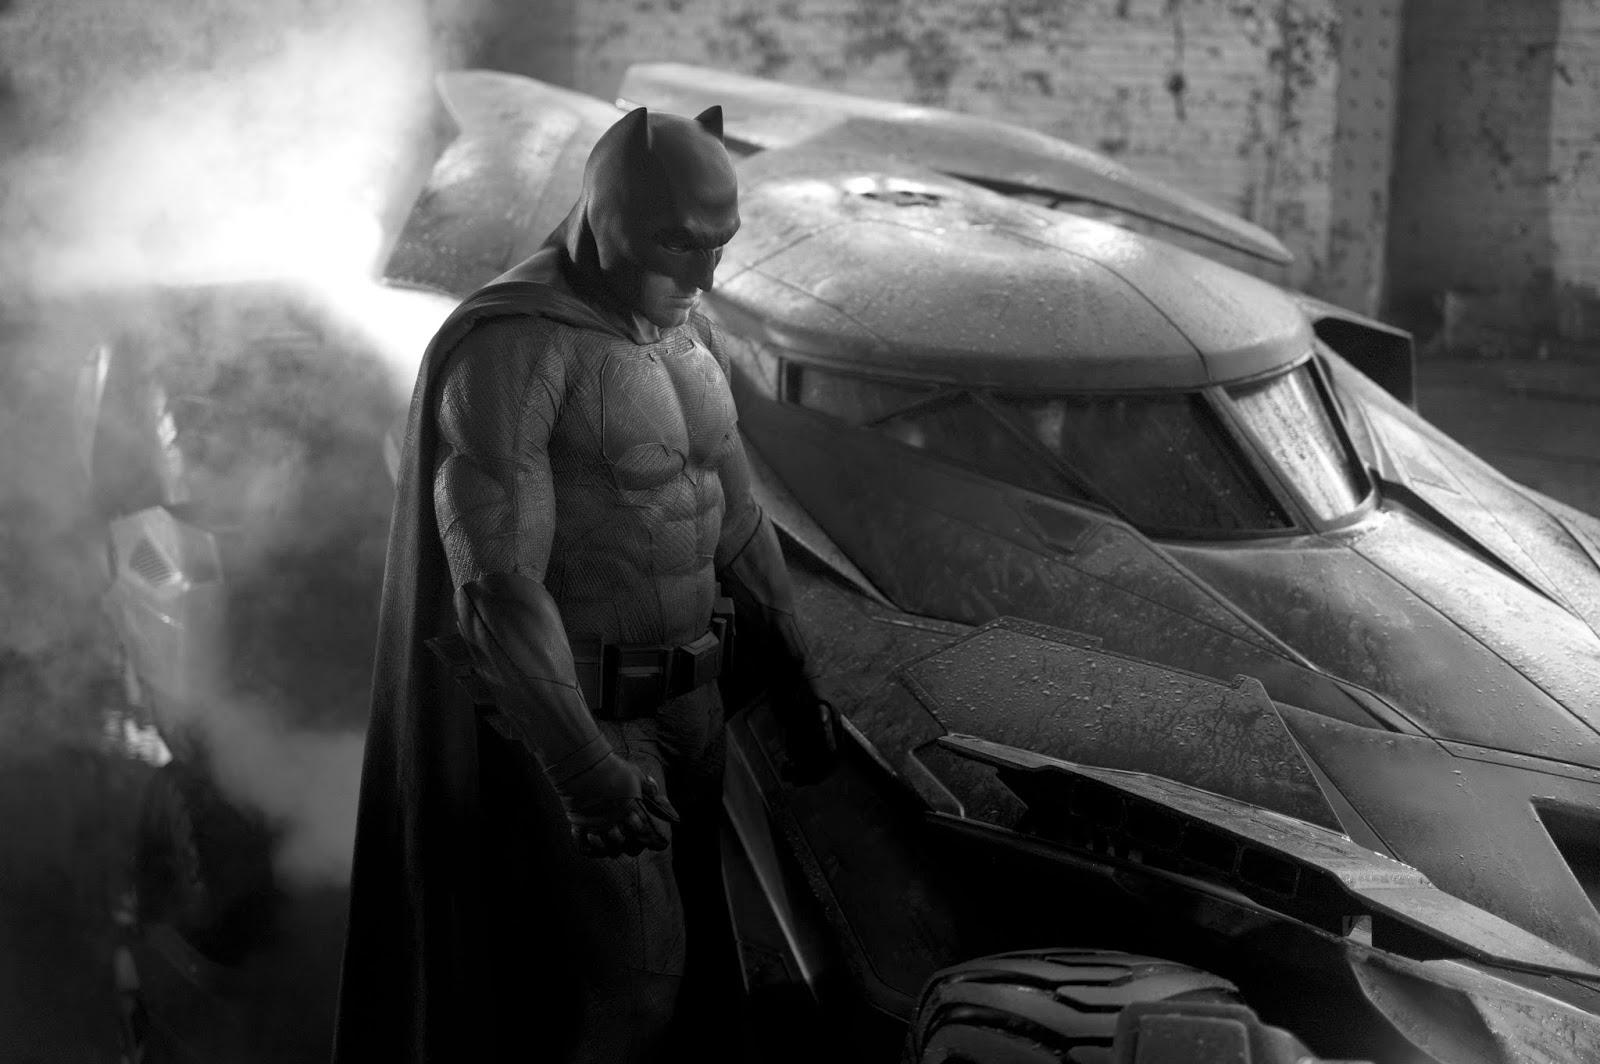 batman, ben affleck, superman, liga justicia, dc, warner, el zorro con gafas